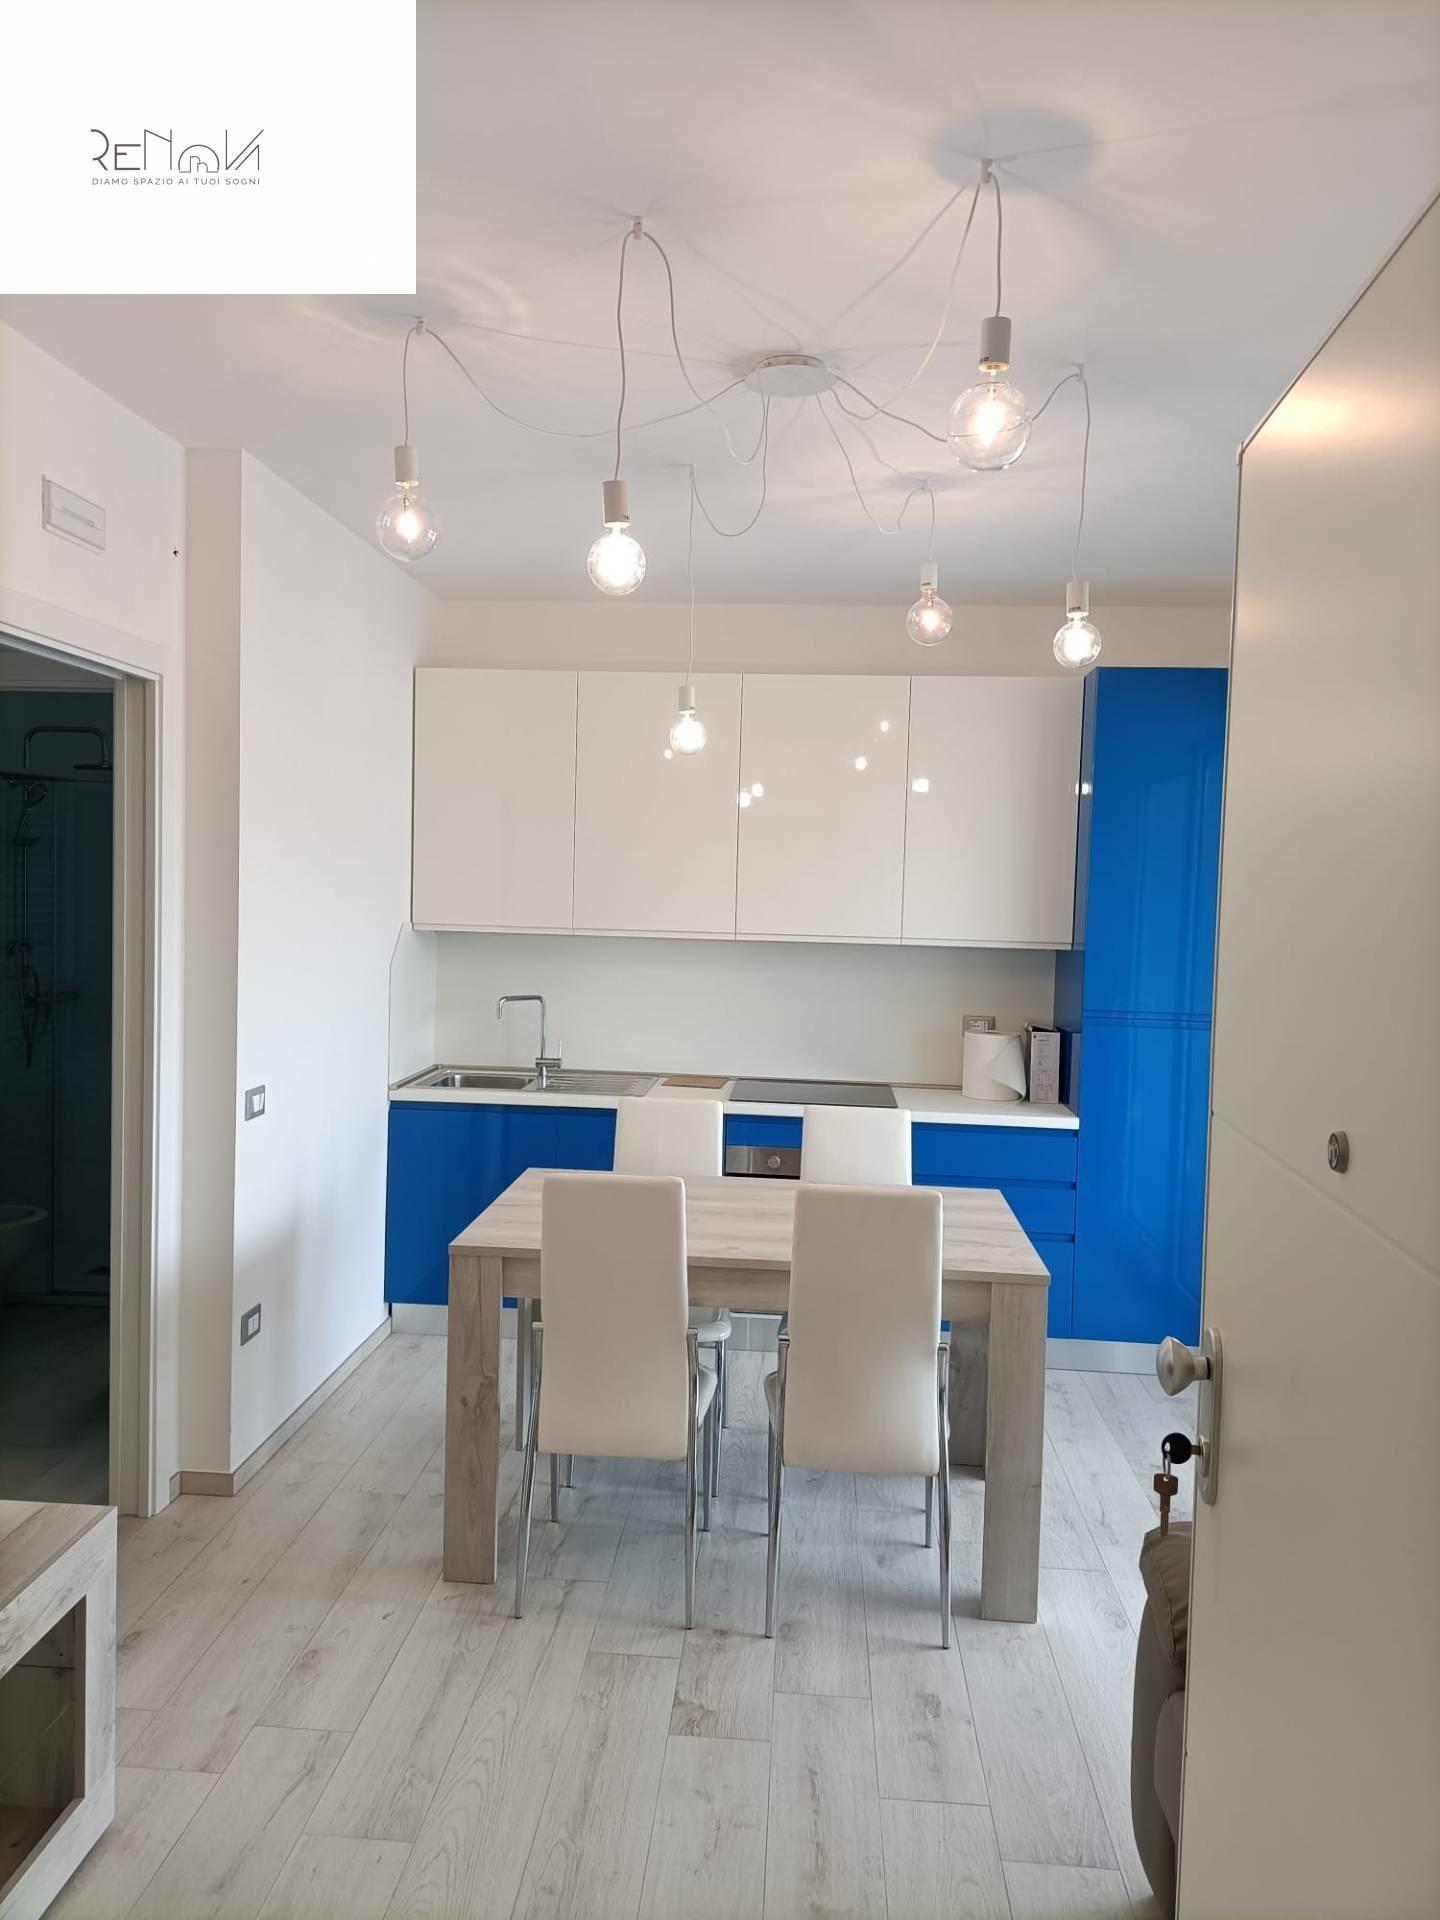 Appartamento in affitto a Tortoreto, 3 locali, zona Località: TortoretoLido, Trattative riservate   CambioCasa.it